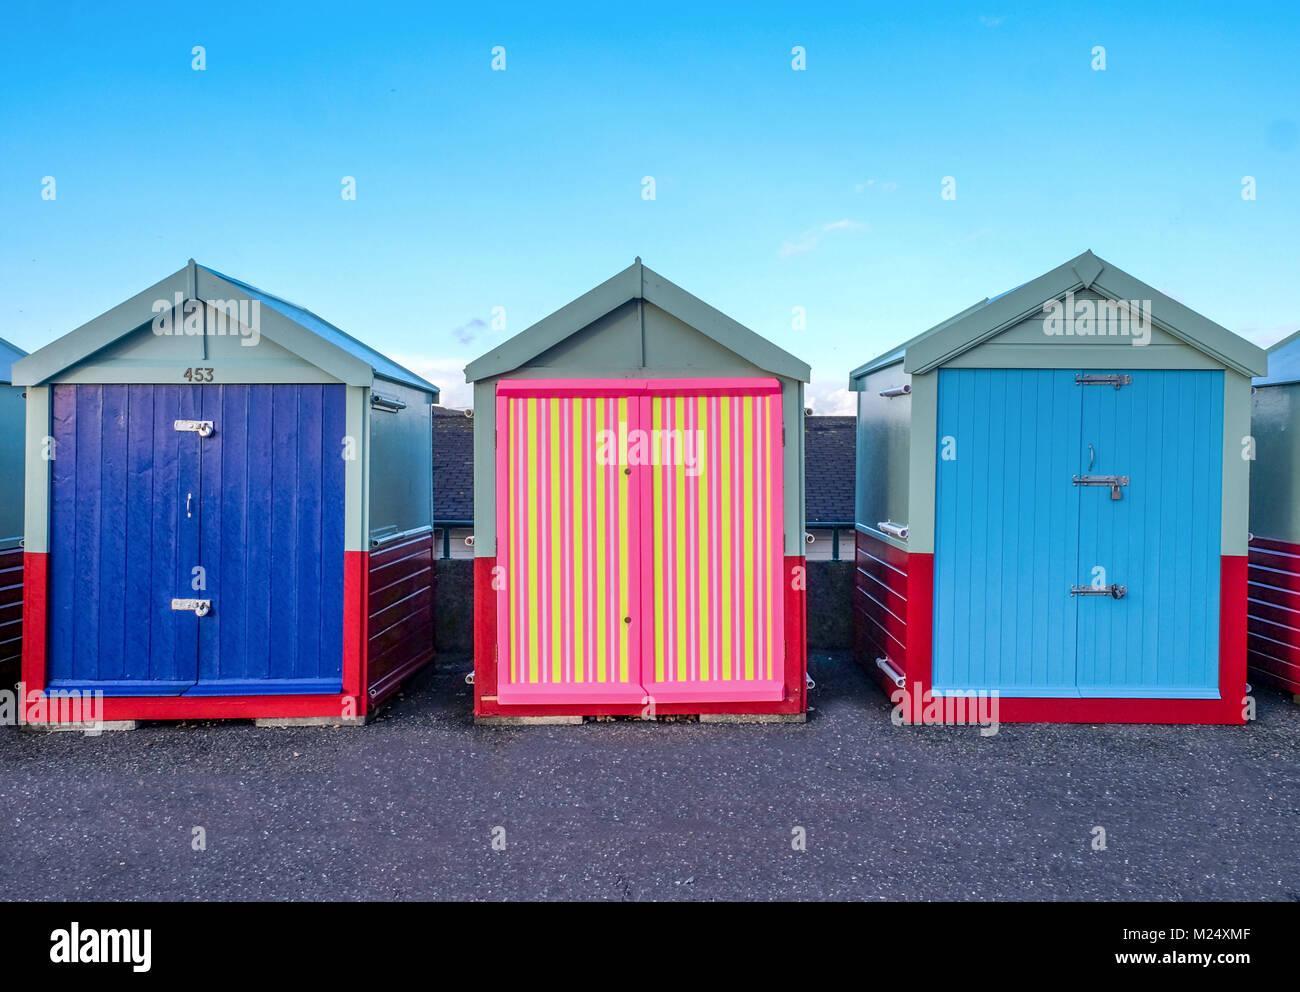 Front de mer de Brighton trois cabines de plage, avec deux portes bleues et celui du milieu a une porte de couleur Photo Stock